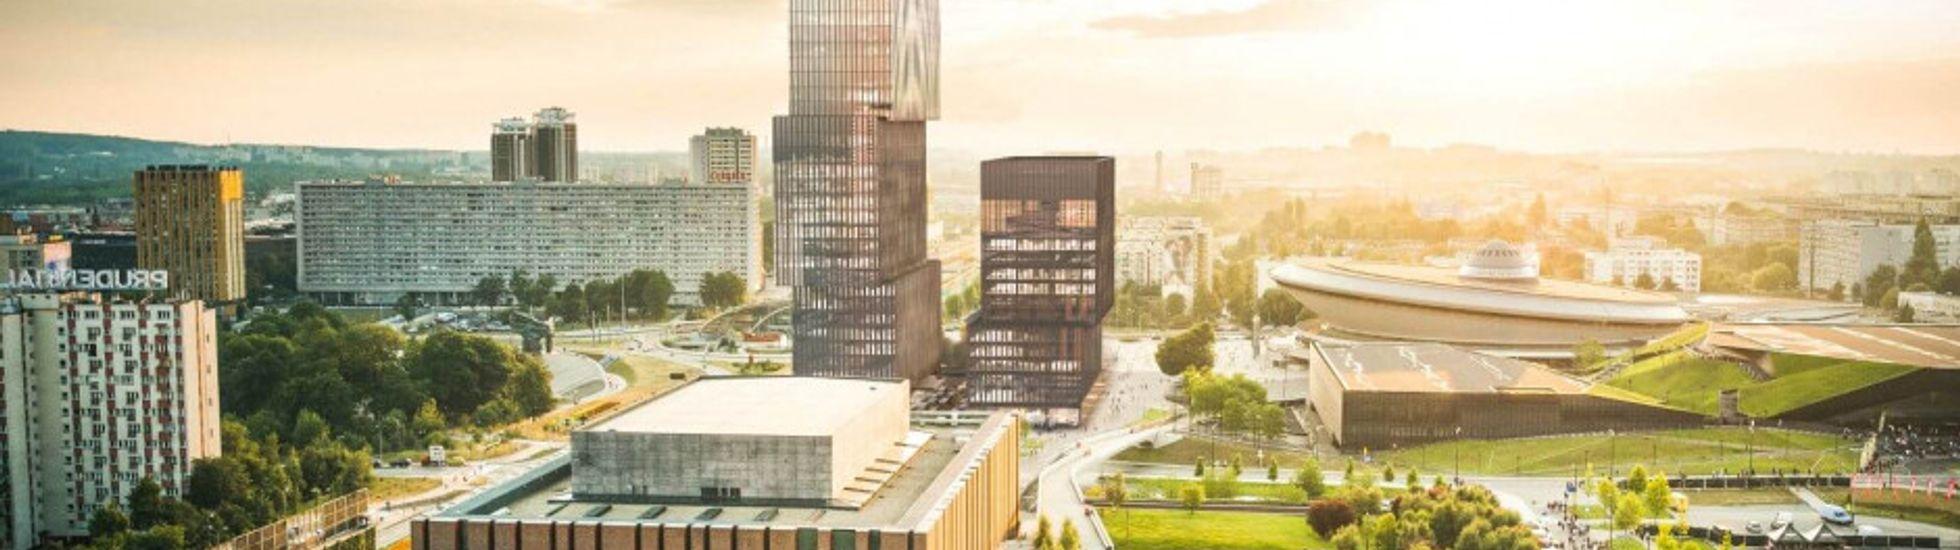 [Katowice] Biurowiec .KTW II uzyskał najlepszy wynik certyfikacji BREEAM Interim w Katowicach